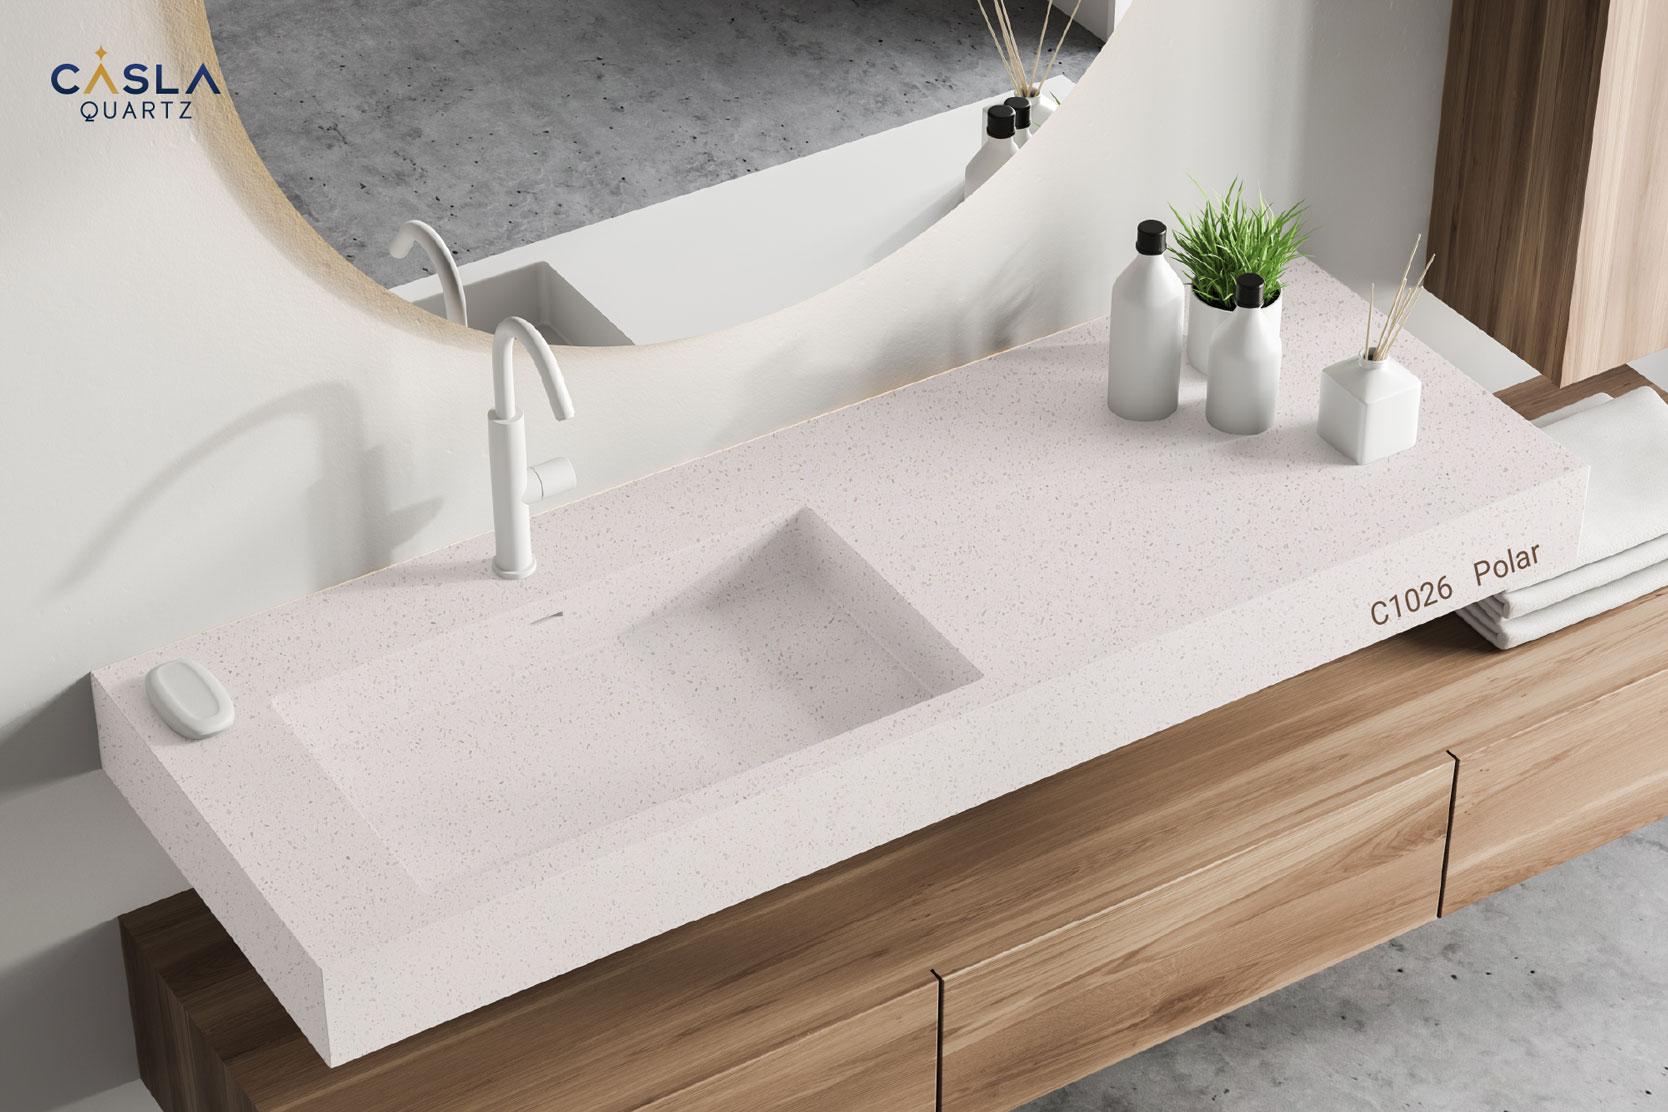 Đá nhân tạo Polar cũng có thể làm mặt chậu rửa tay ở phòng vệ sinh, phòng tắm